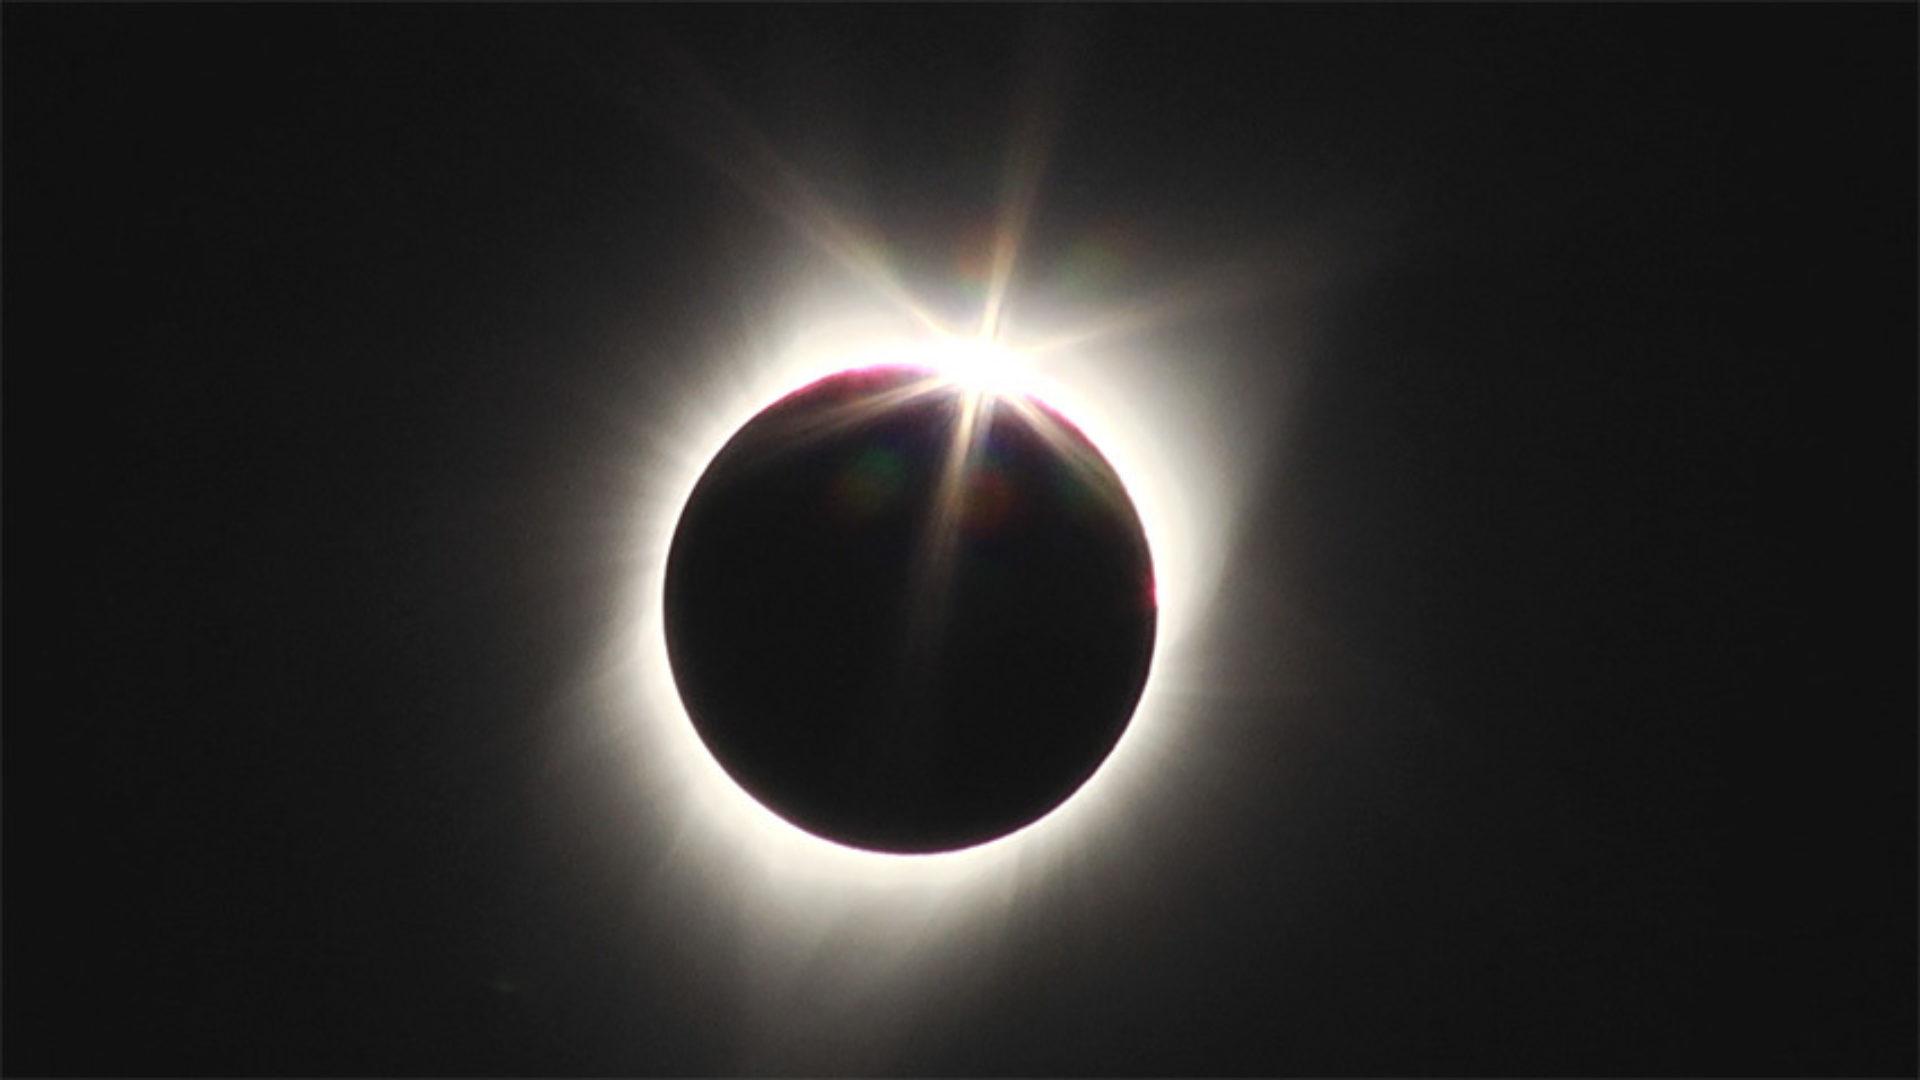 De eclips van 14 december 2020: de kosmos geeft je een boost